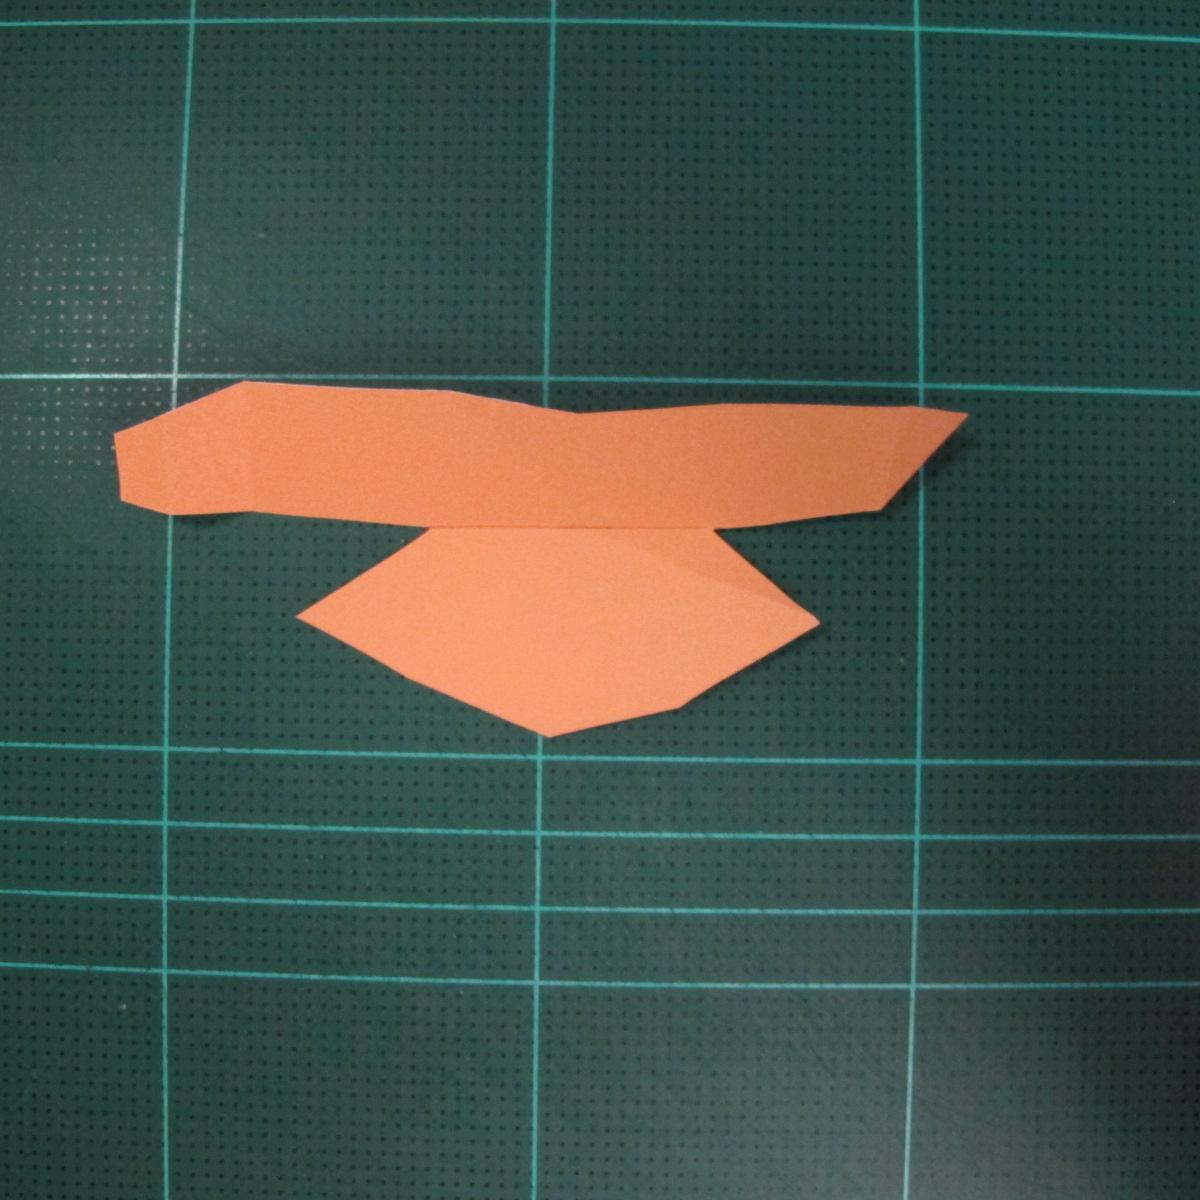 วิธีทำโมเดลกระดาษตุ้กตา คุกกี้สาวผู้ร่าเริง จากเกมส์คุกกี้รัน (LINE Cookie Run – Bright Cookie Papercraft Model) 013